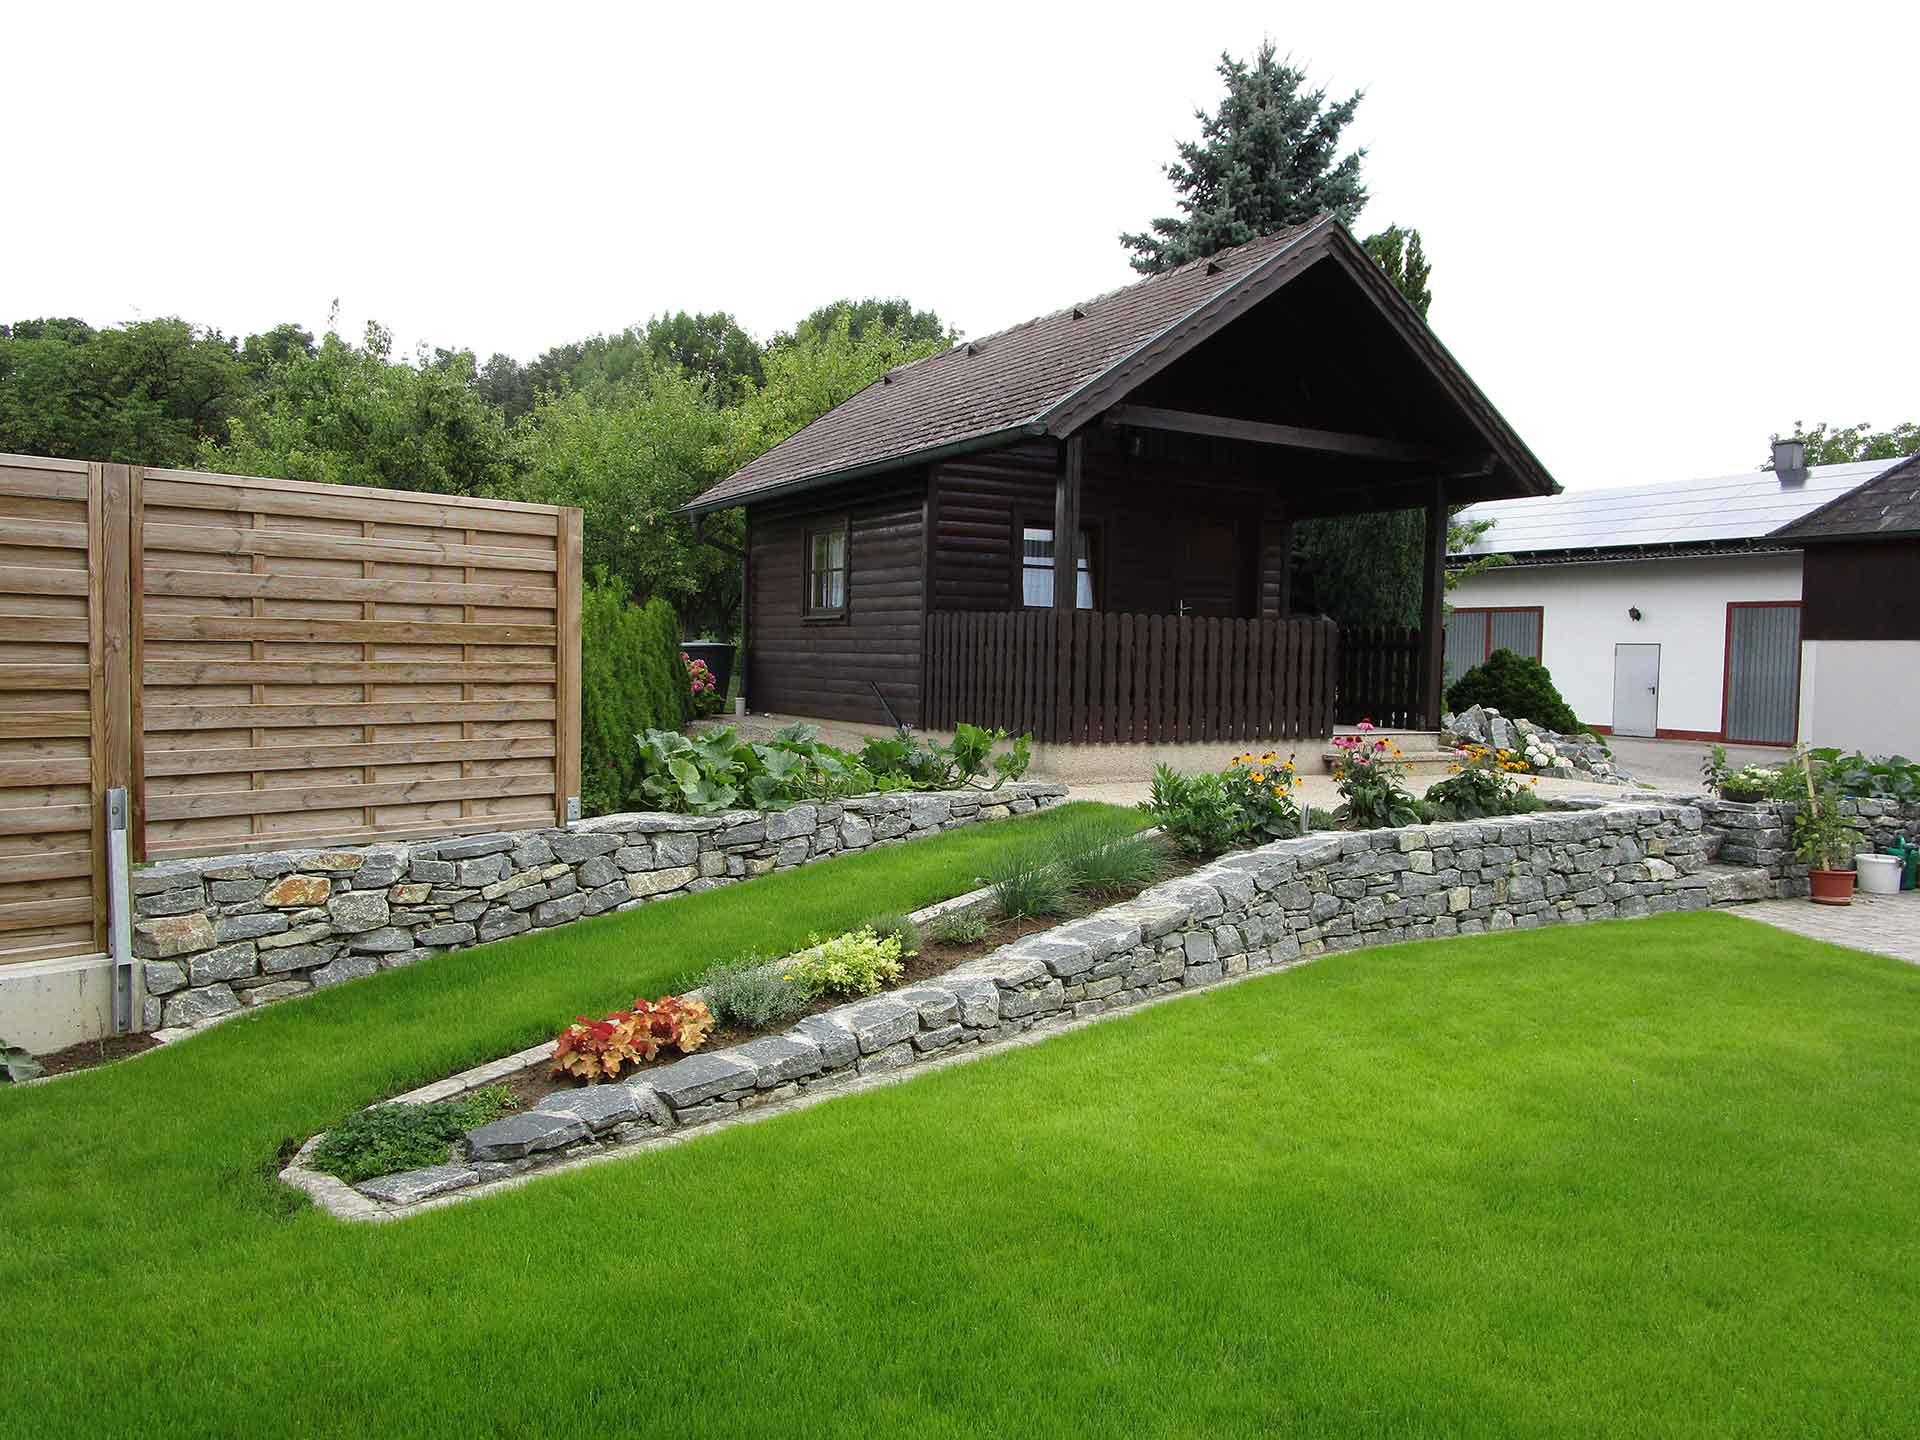 Gartengestaltung, Gehweg, Wachauer Marmor, Gartenelement, Blumenbeet,